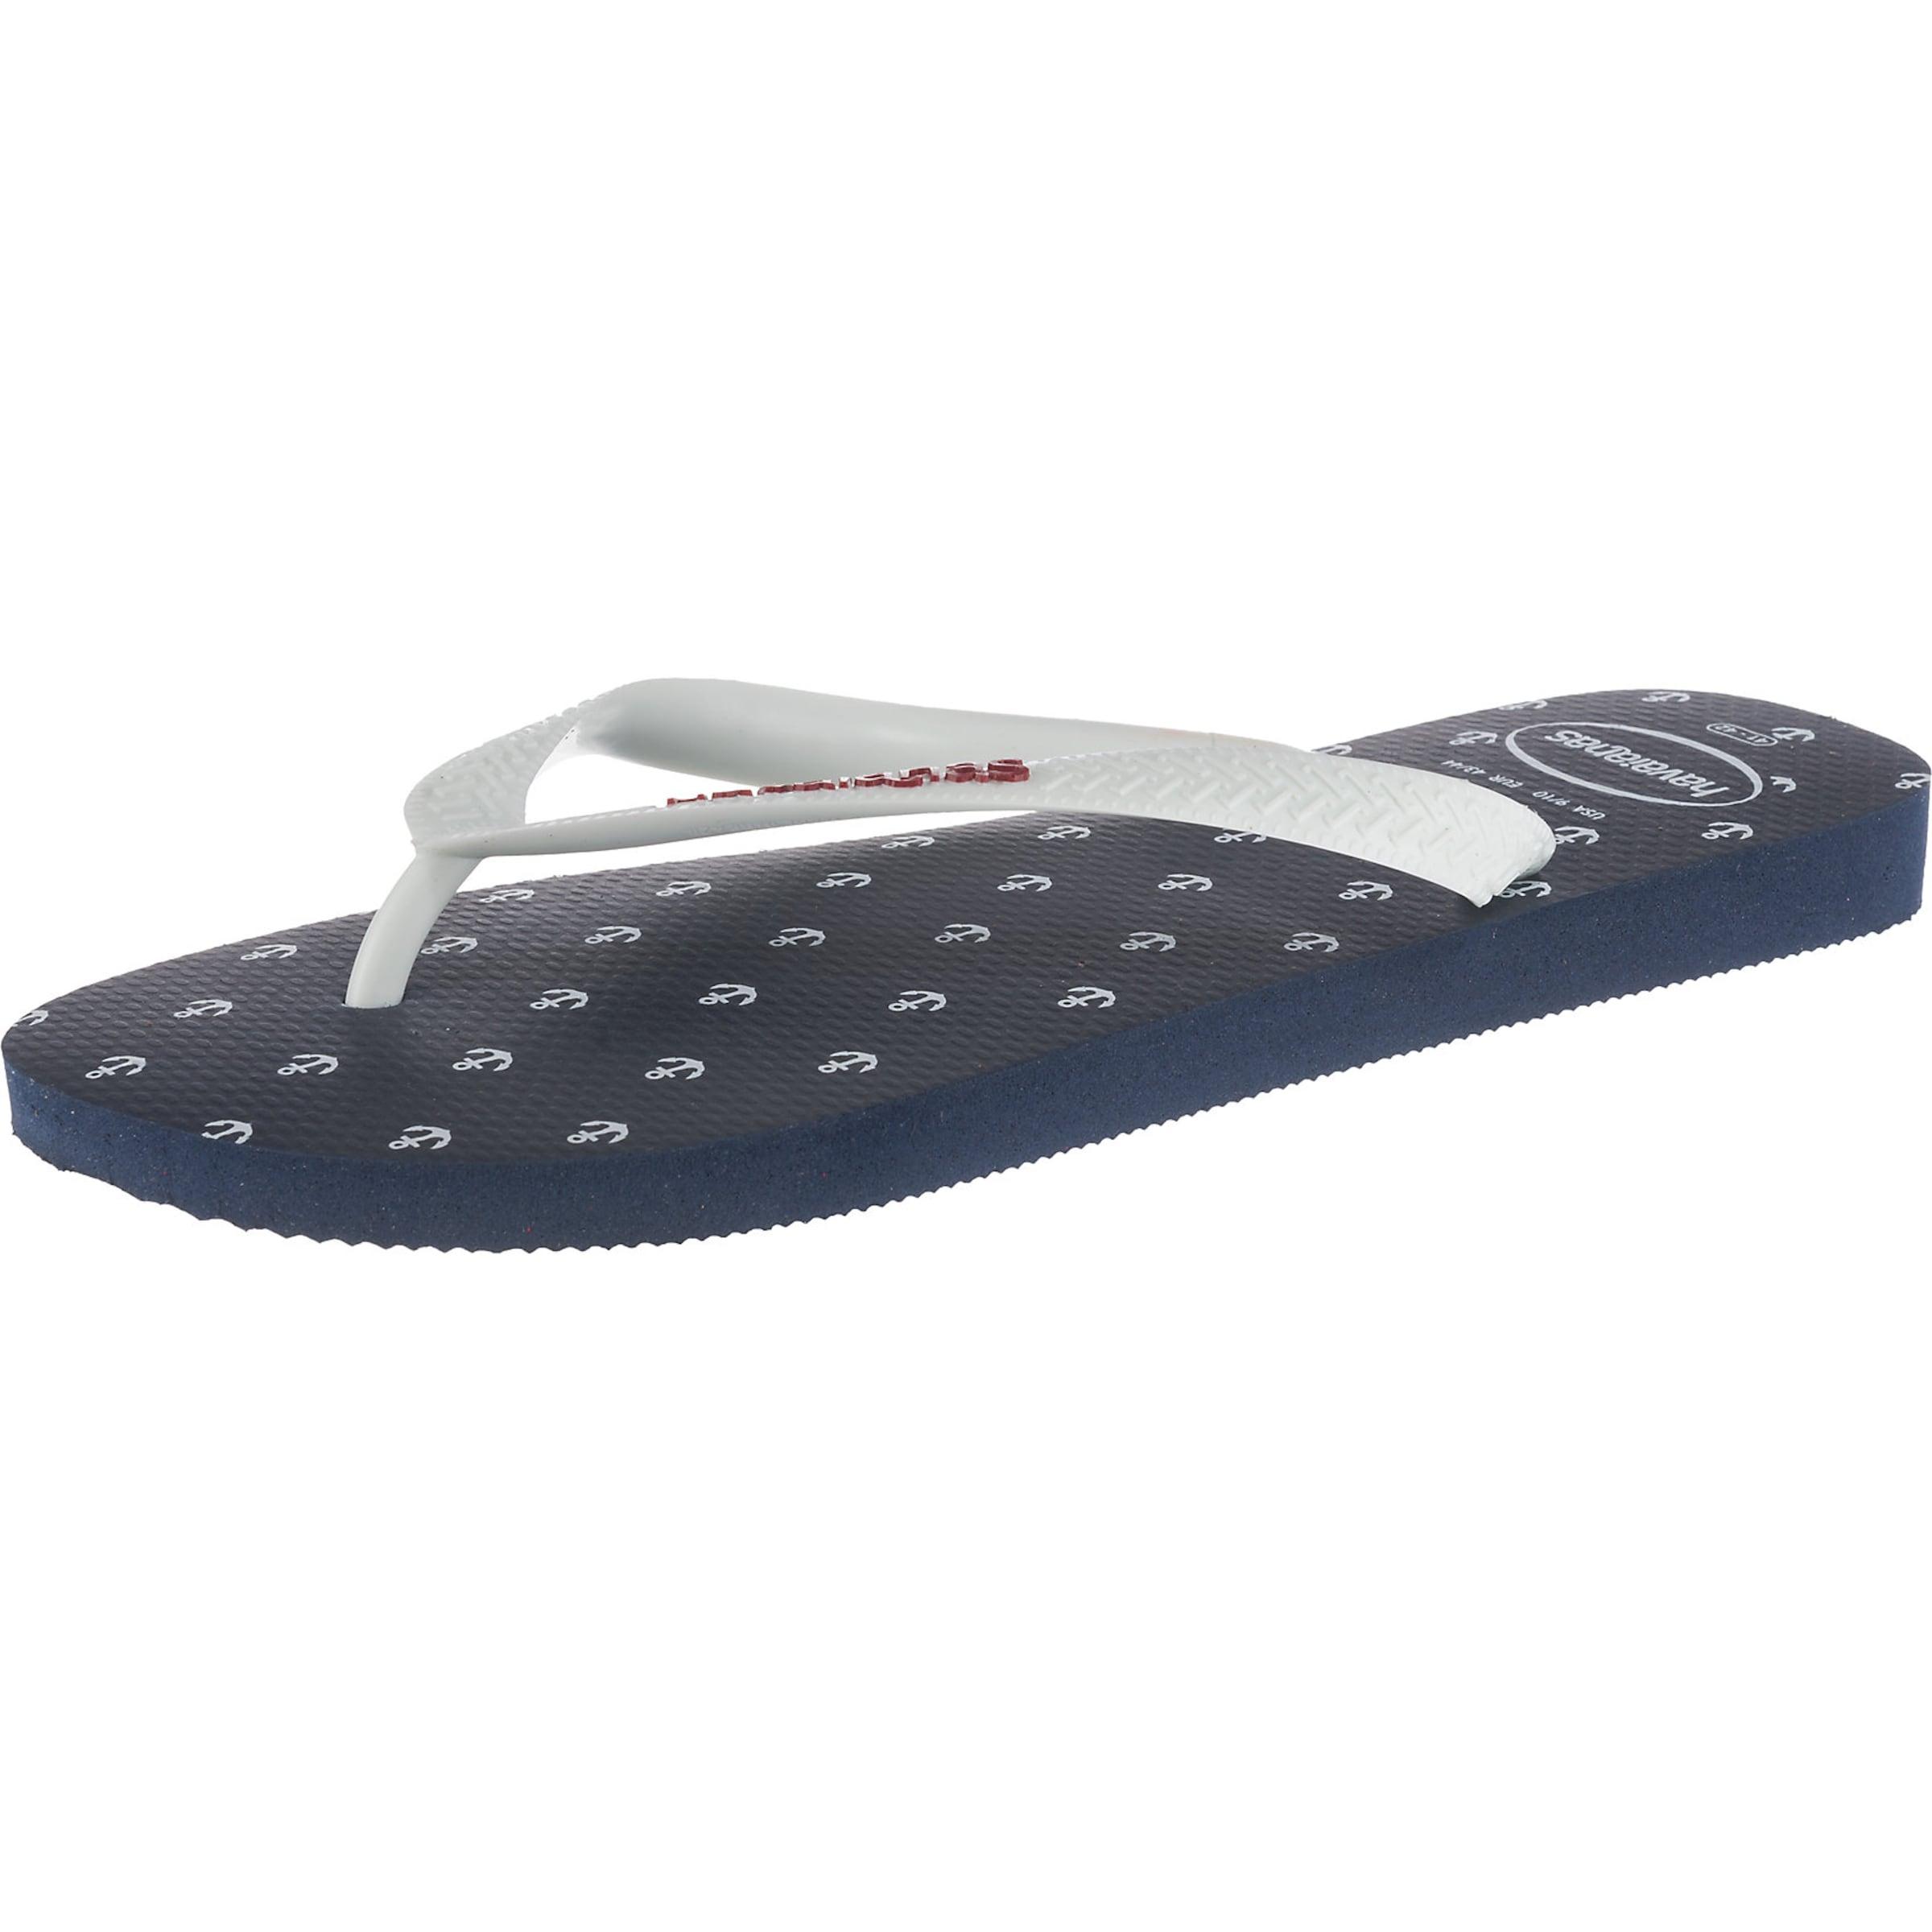 HAVAIANAS | Top Nautical offene Schuhe Schuhe offene Schuhe Gut getragene Schuhe 27f82d